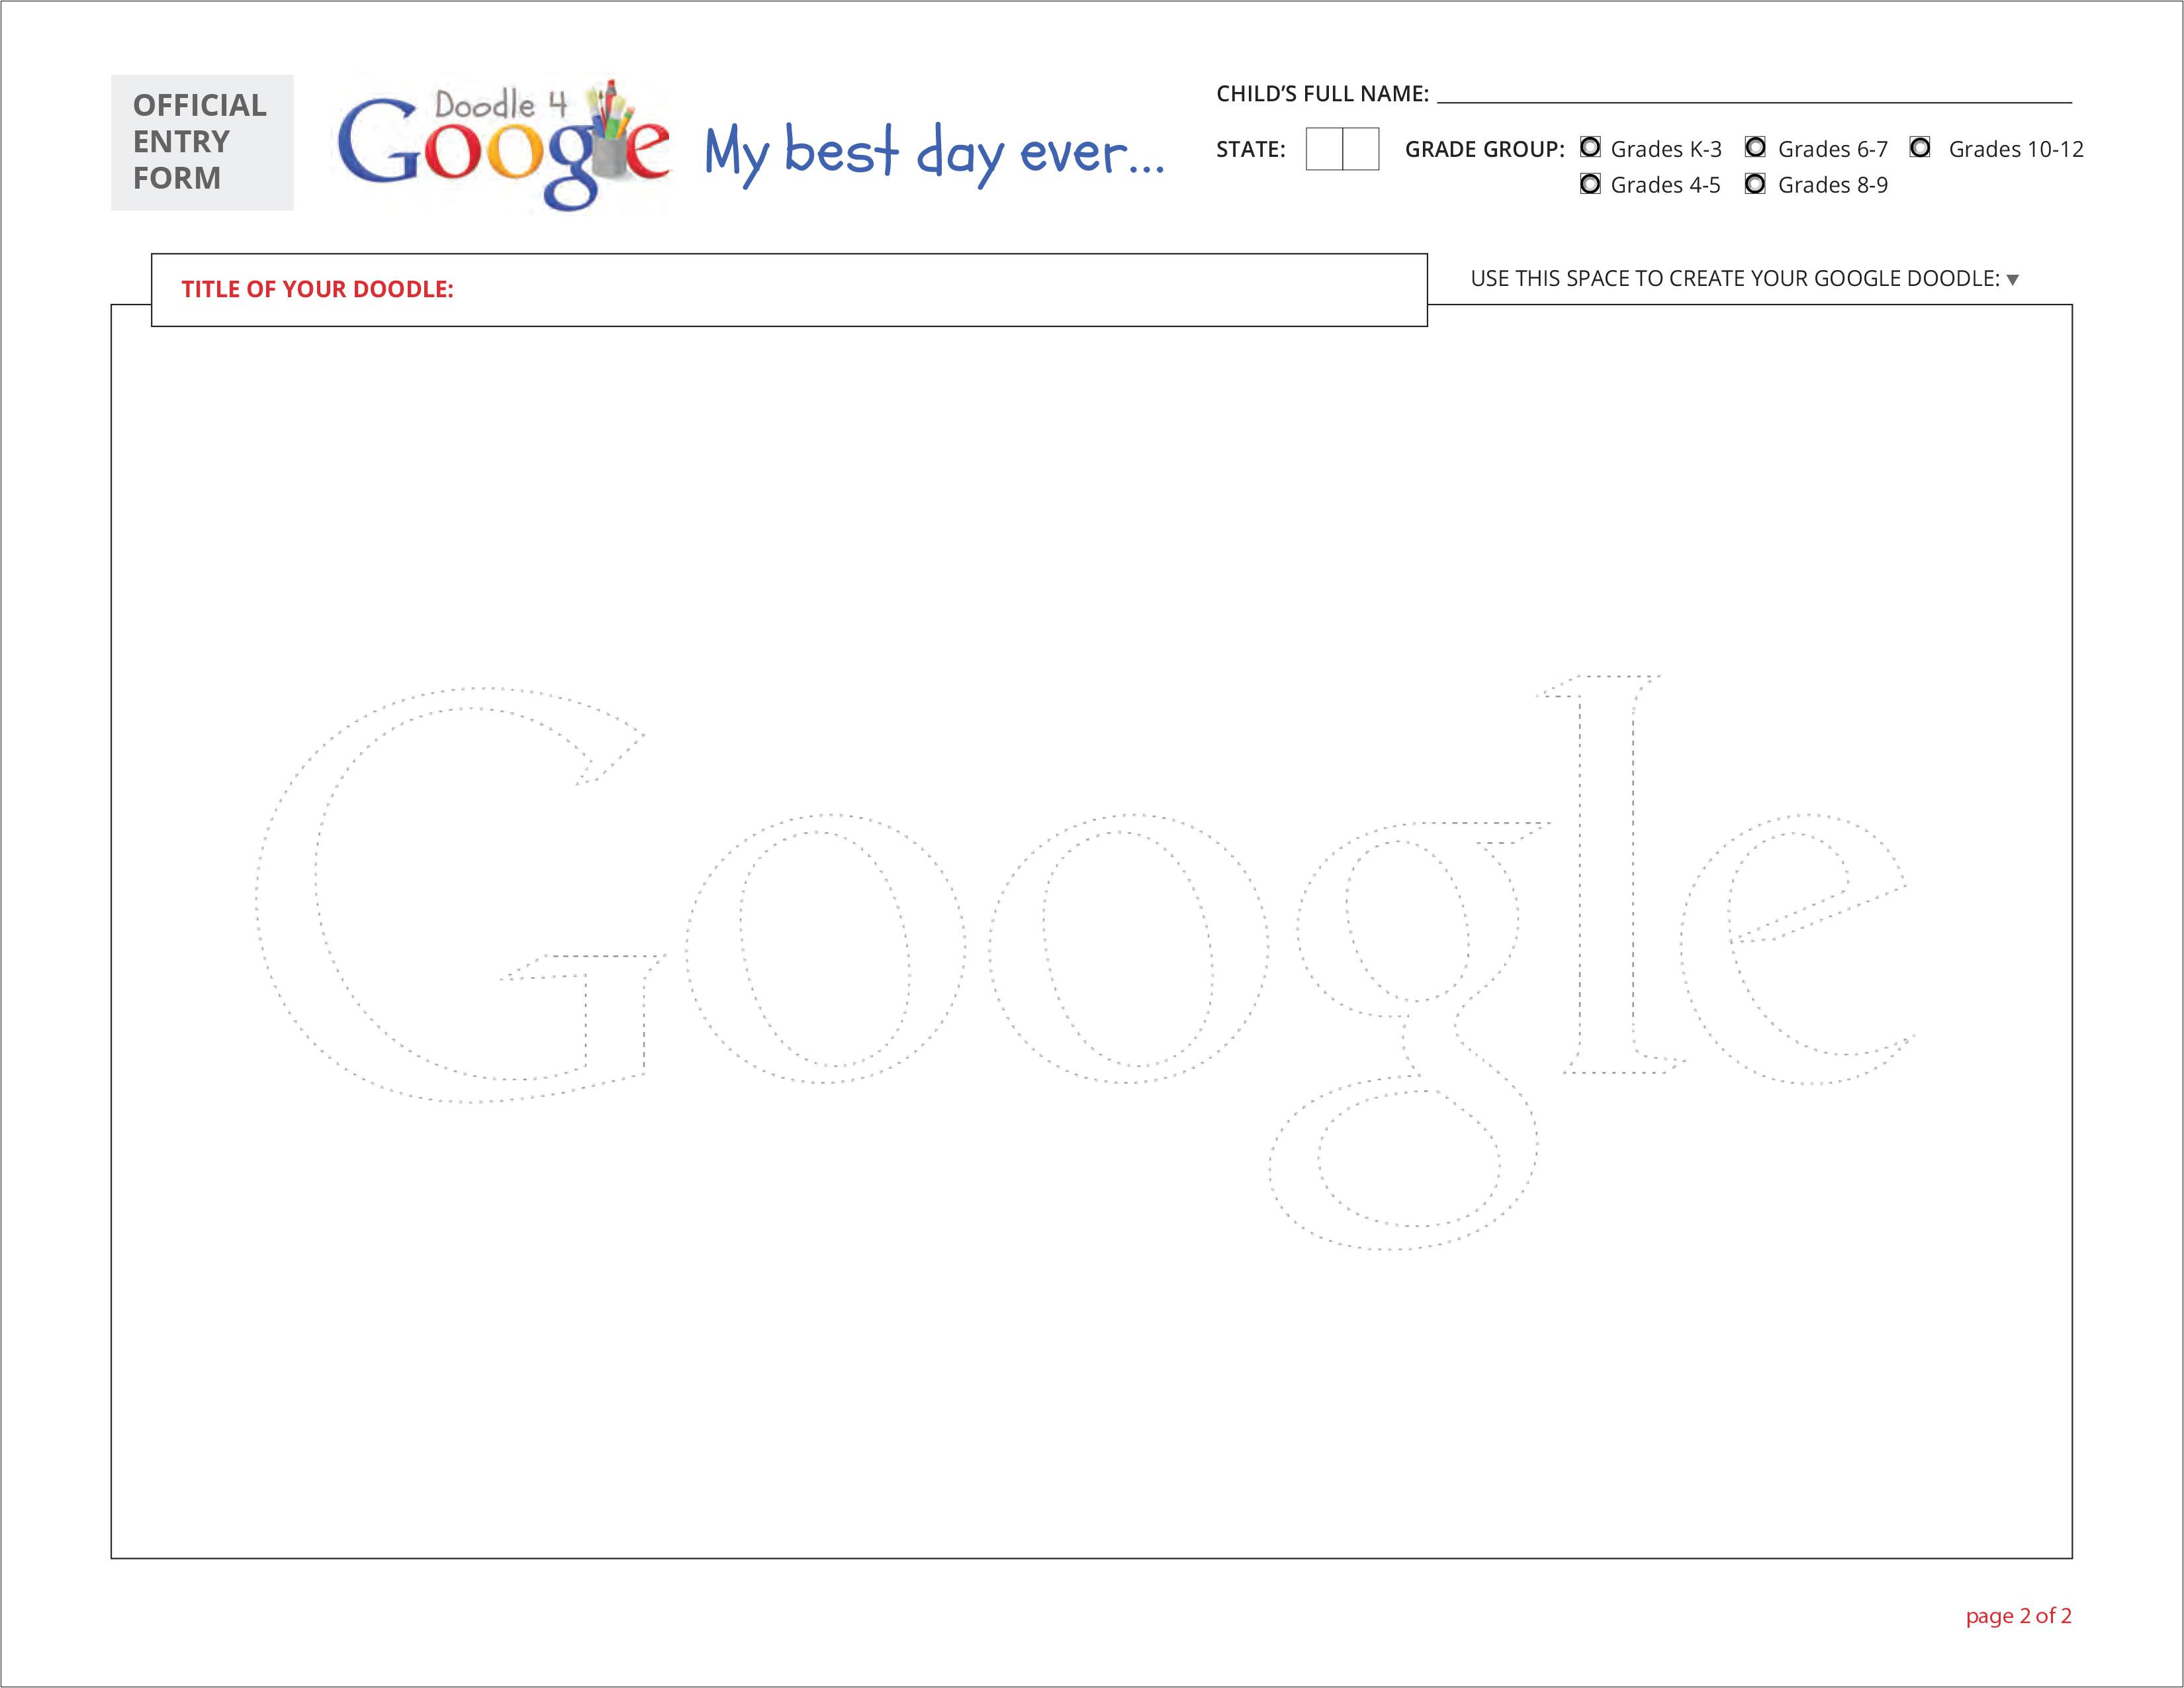 search 3fq 3ddoodle 2bfor 2bgoogle 2btemplate 26form 3drestab